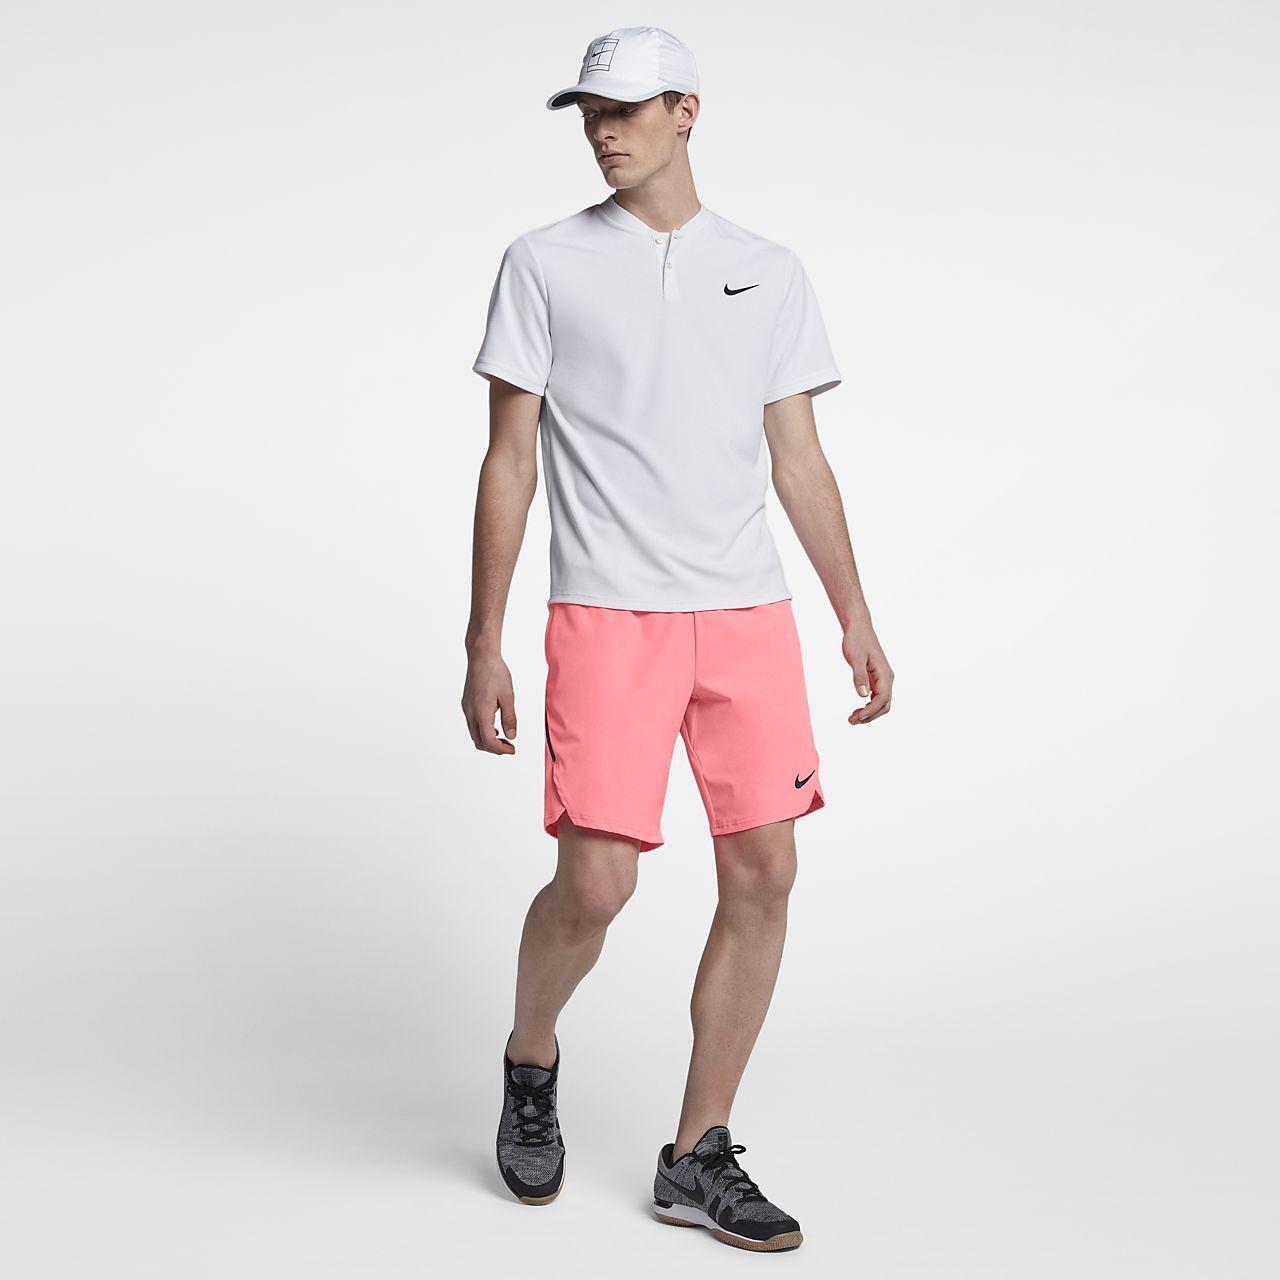 short de tennis nikecourt flex ace 23 cm pour homme fr. Black Bedroom Furniture Sets. Home Design Ideas